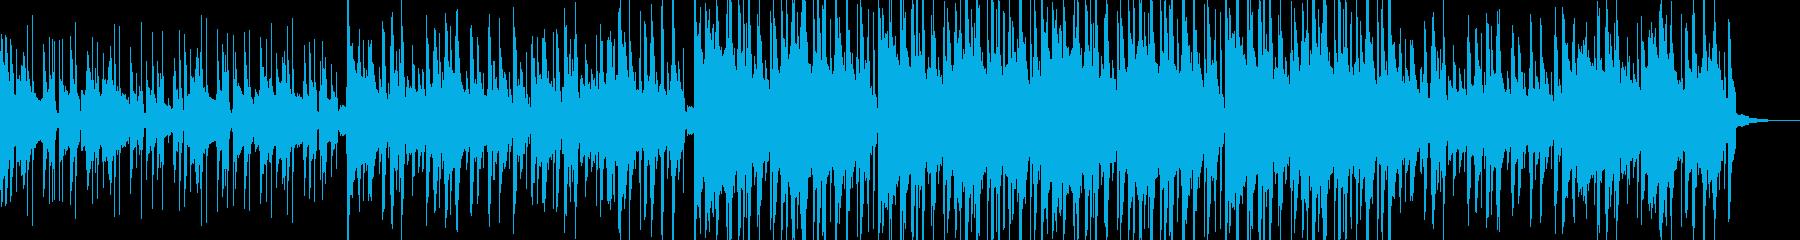 哀愁あるLo-Fi HipHopの再生済みの波形